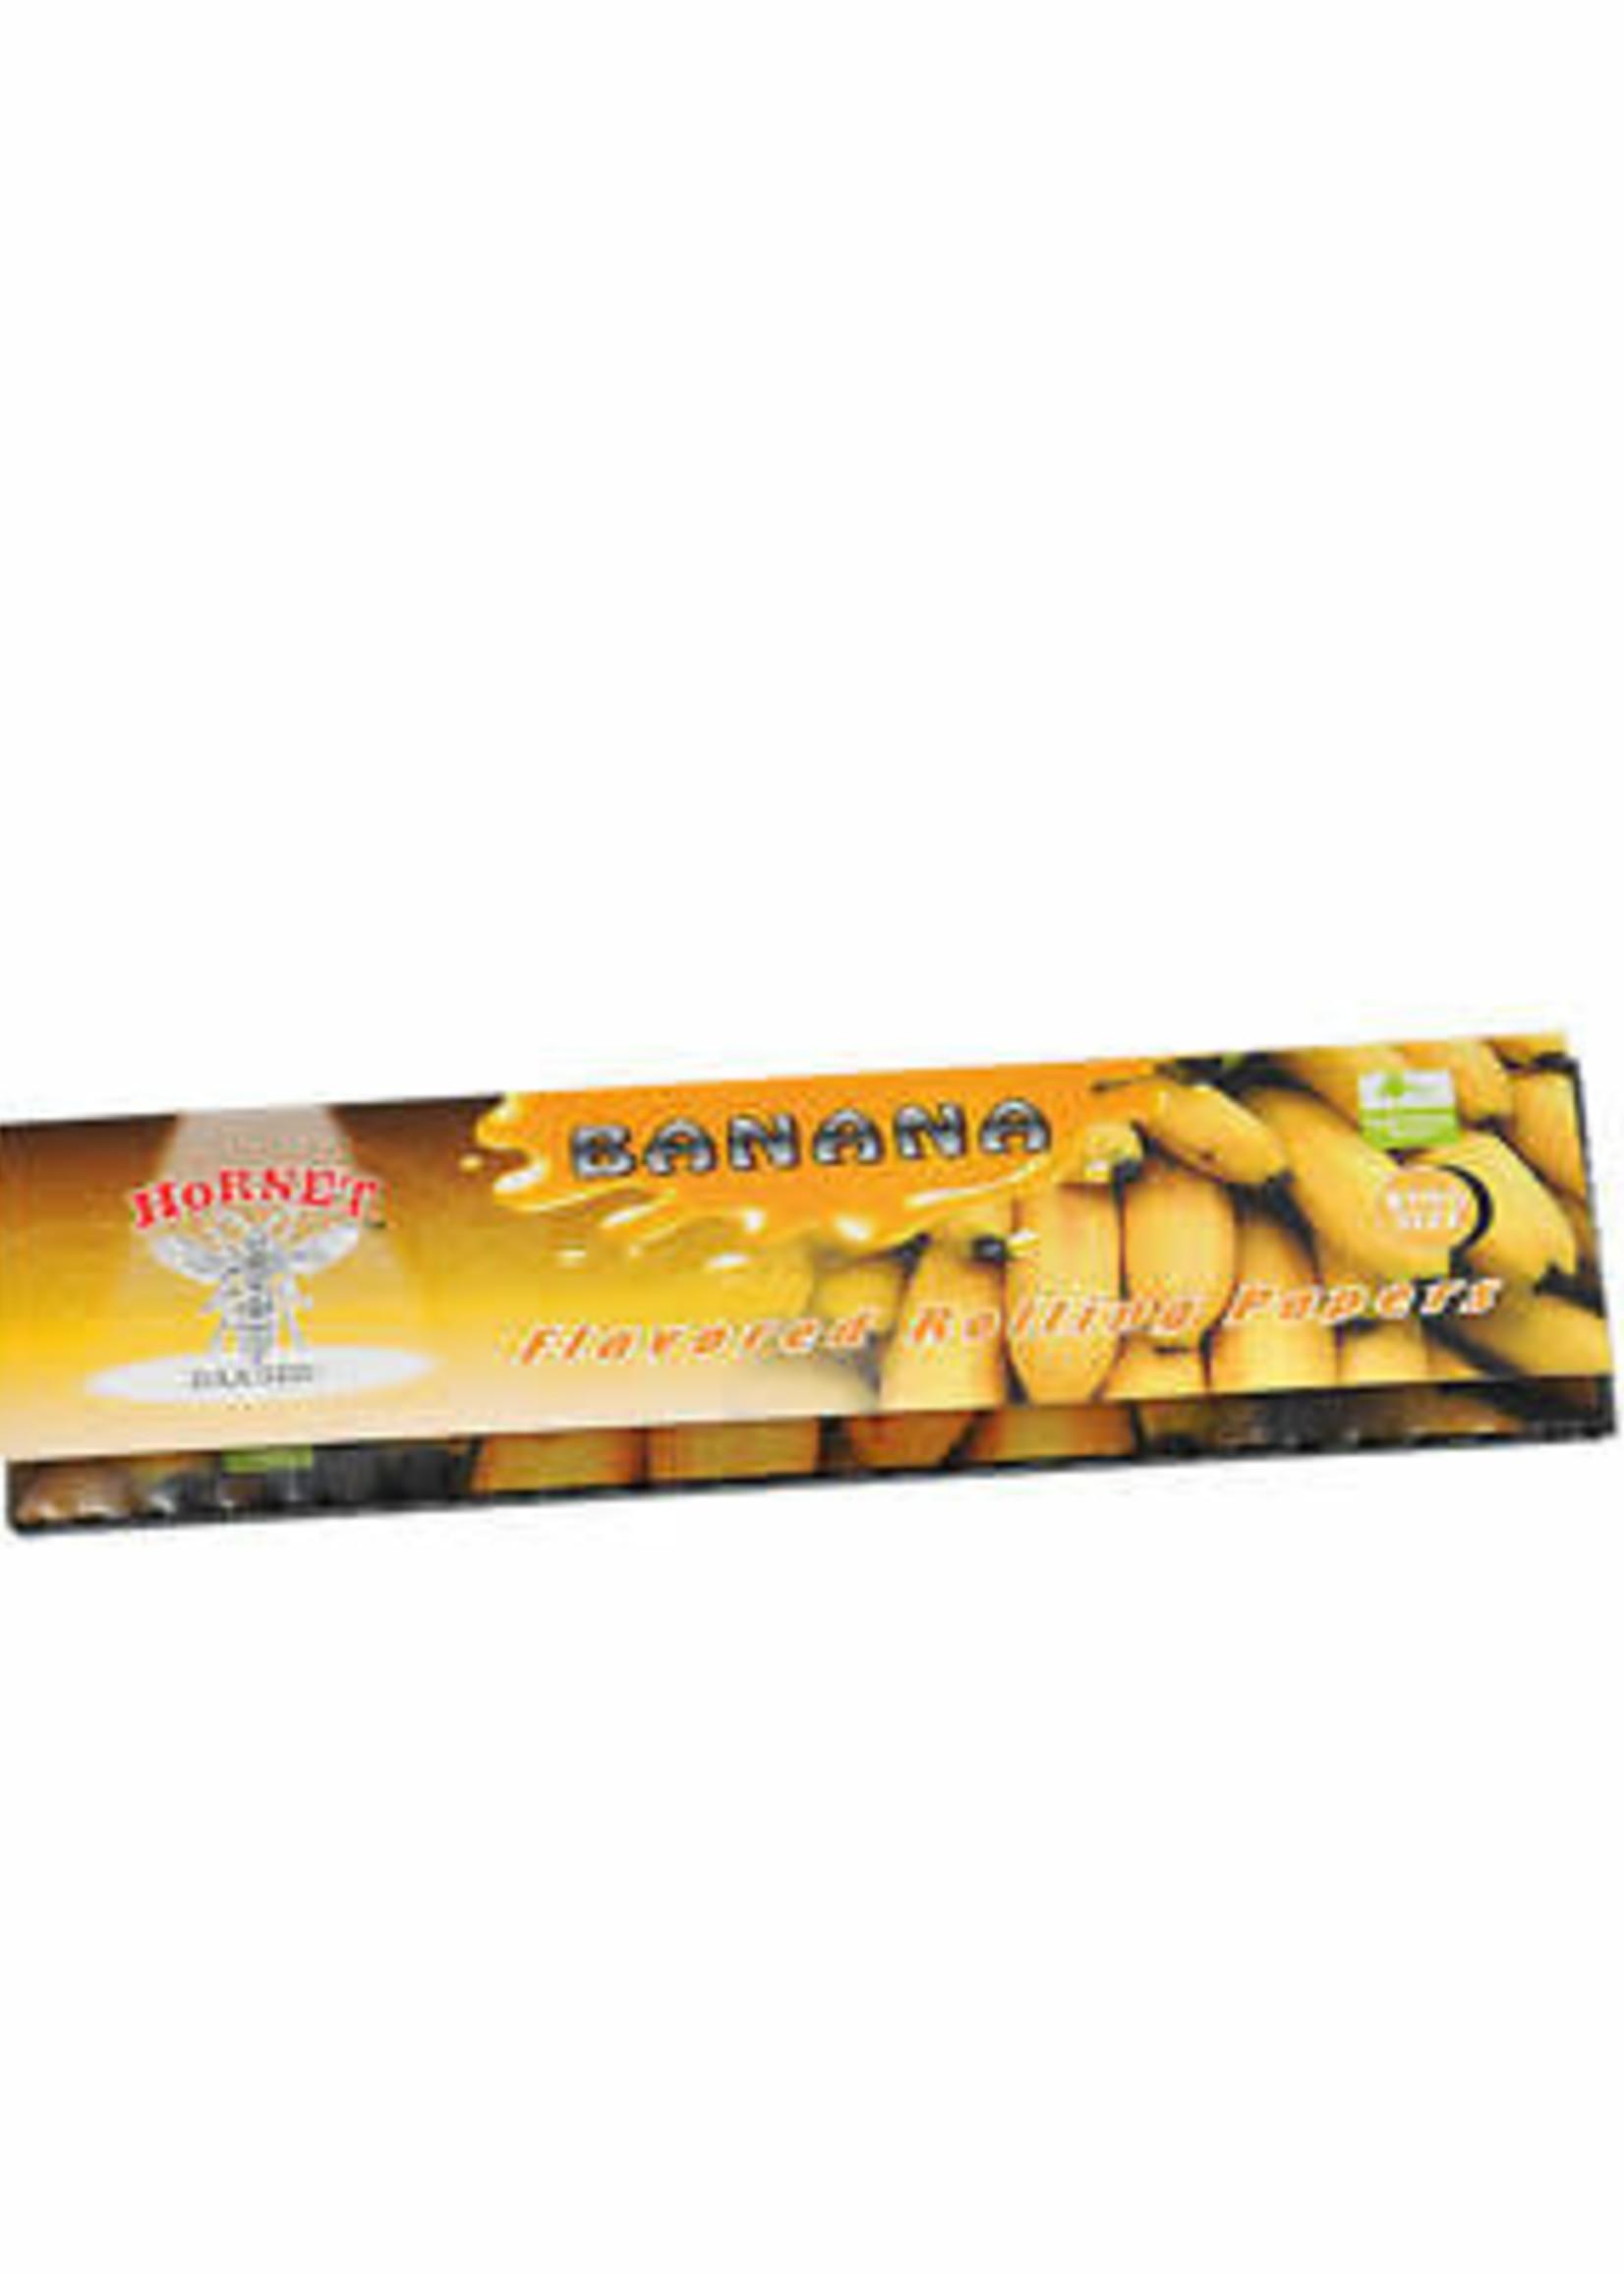 Hornet rolling paper - Banana